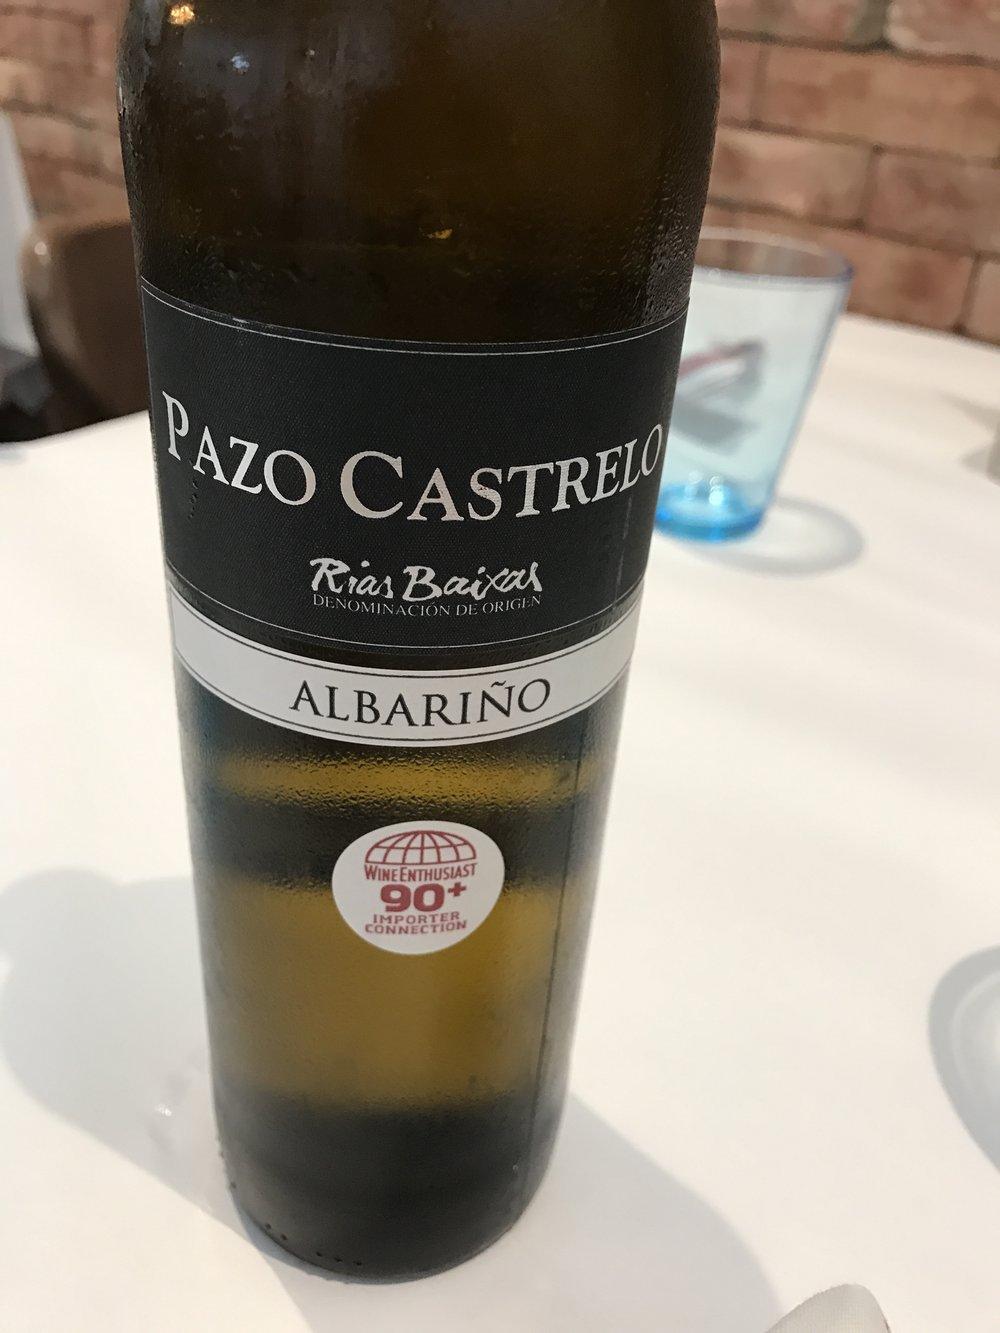 2015 Pazo Castrelo, Albarino